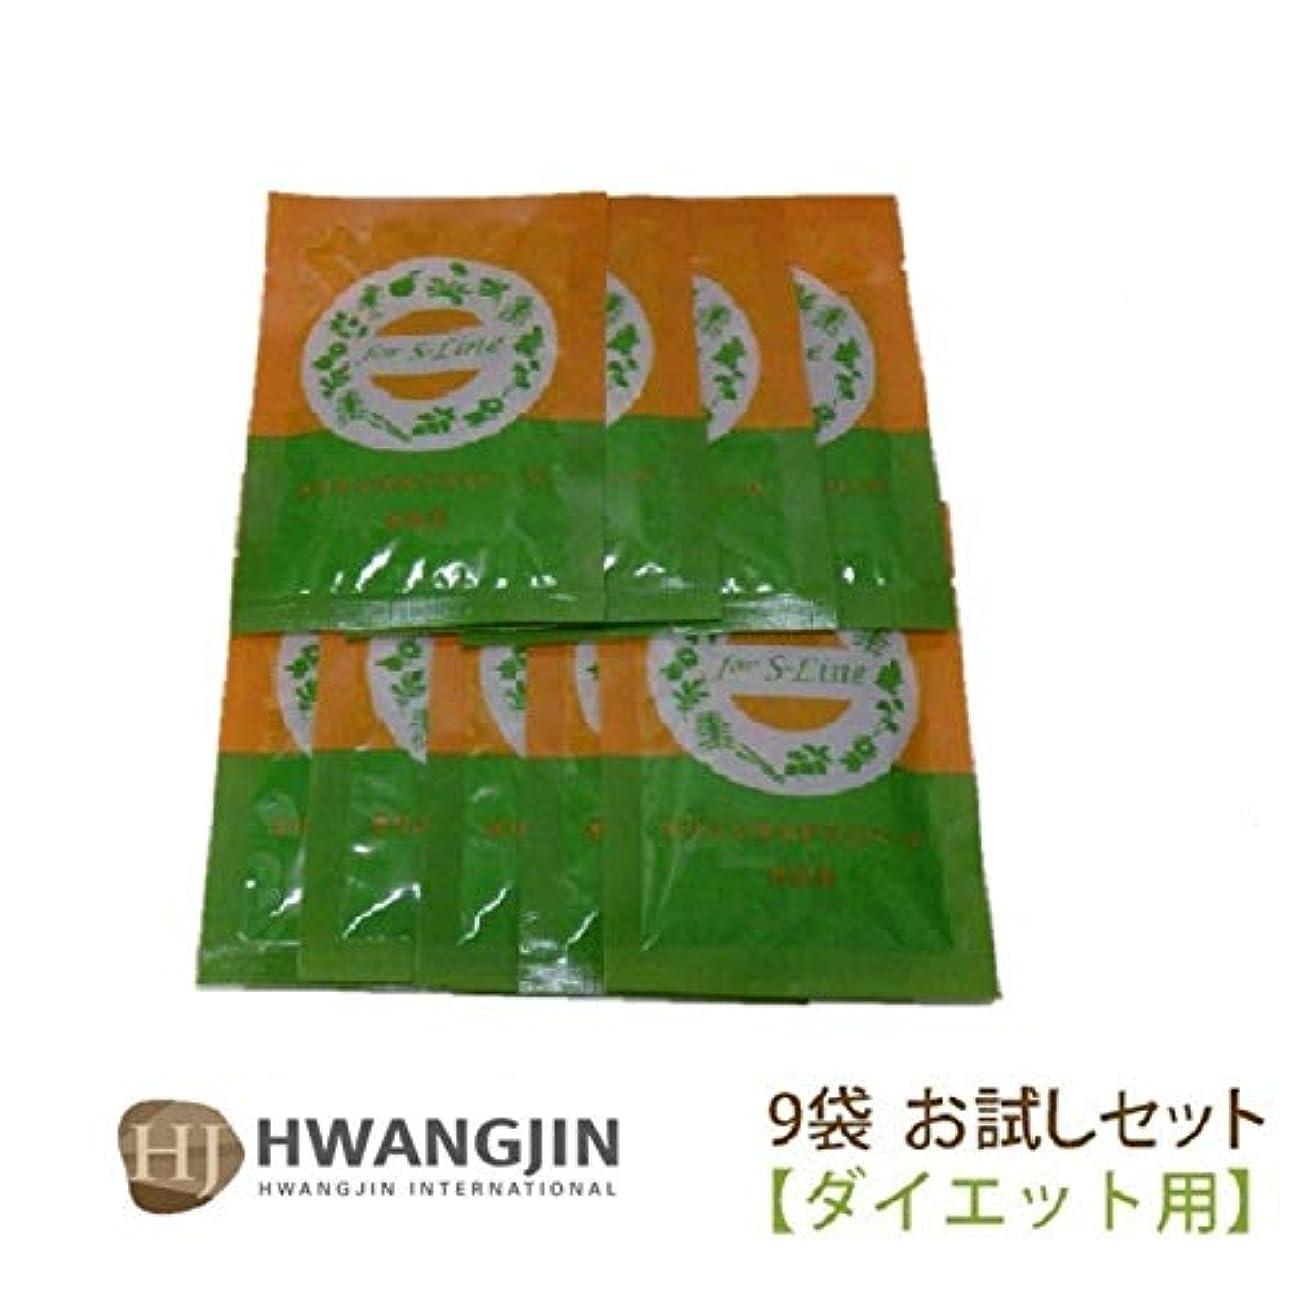 極小早熟おびえたファンジン黄土 座浴剤 9袋 正規品 (S-Line (ダイエット用) 9袋)